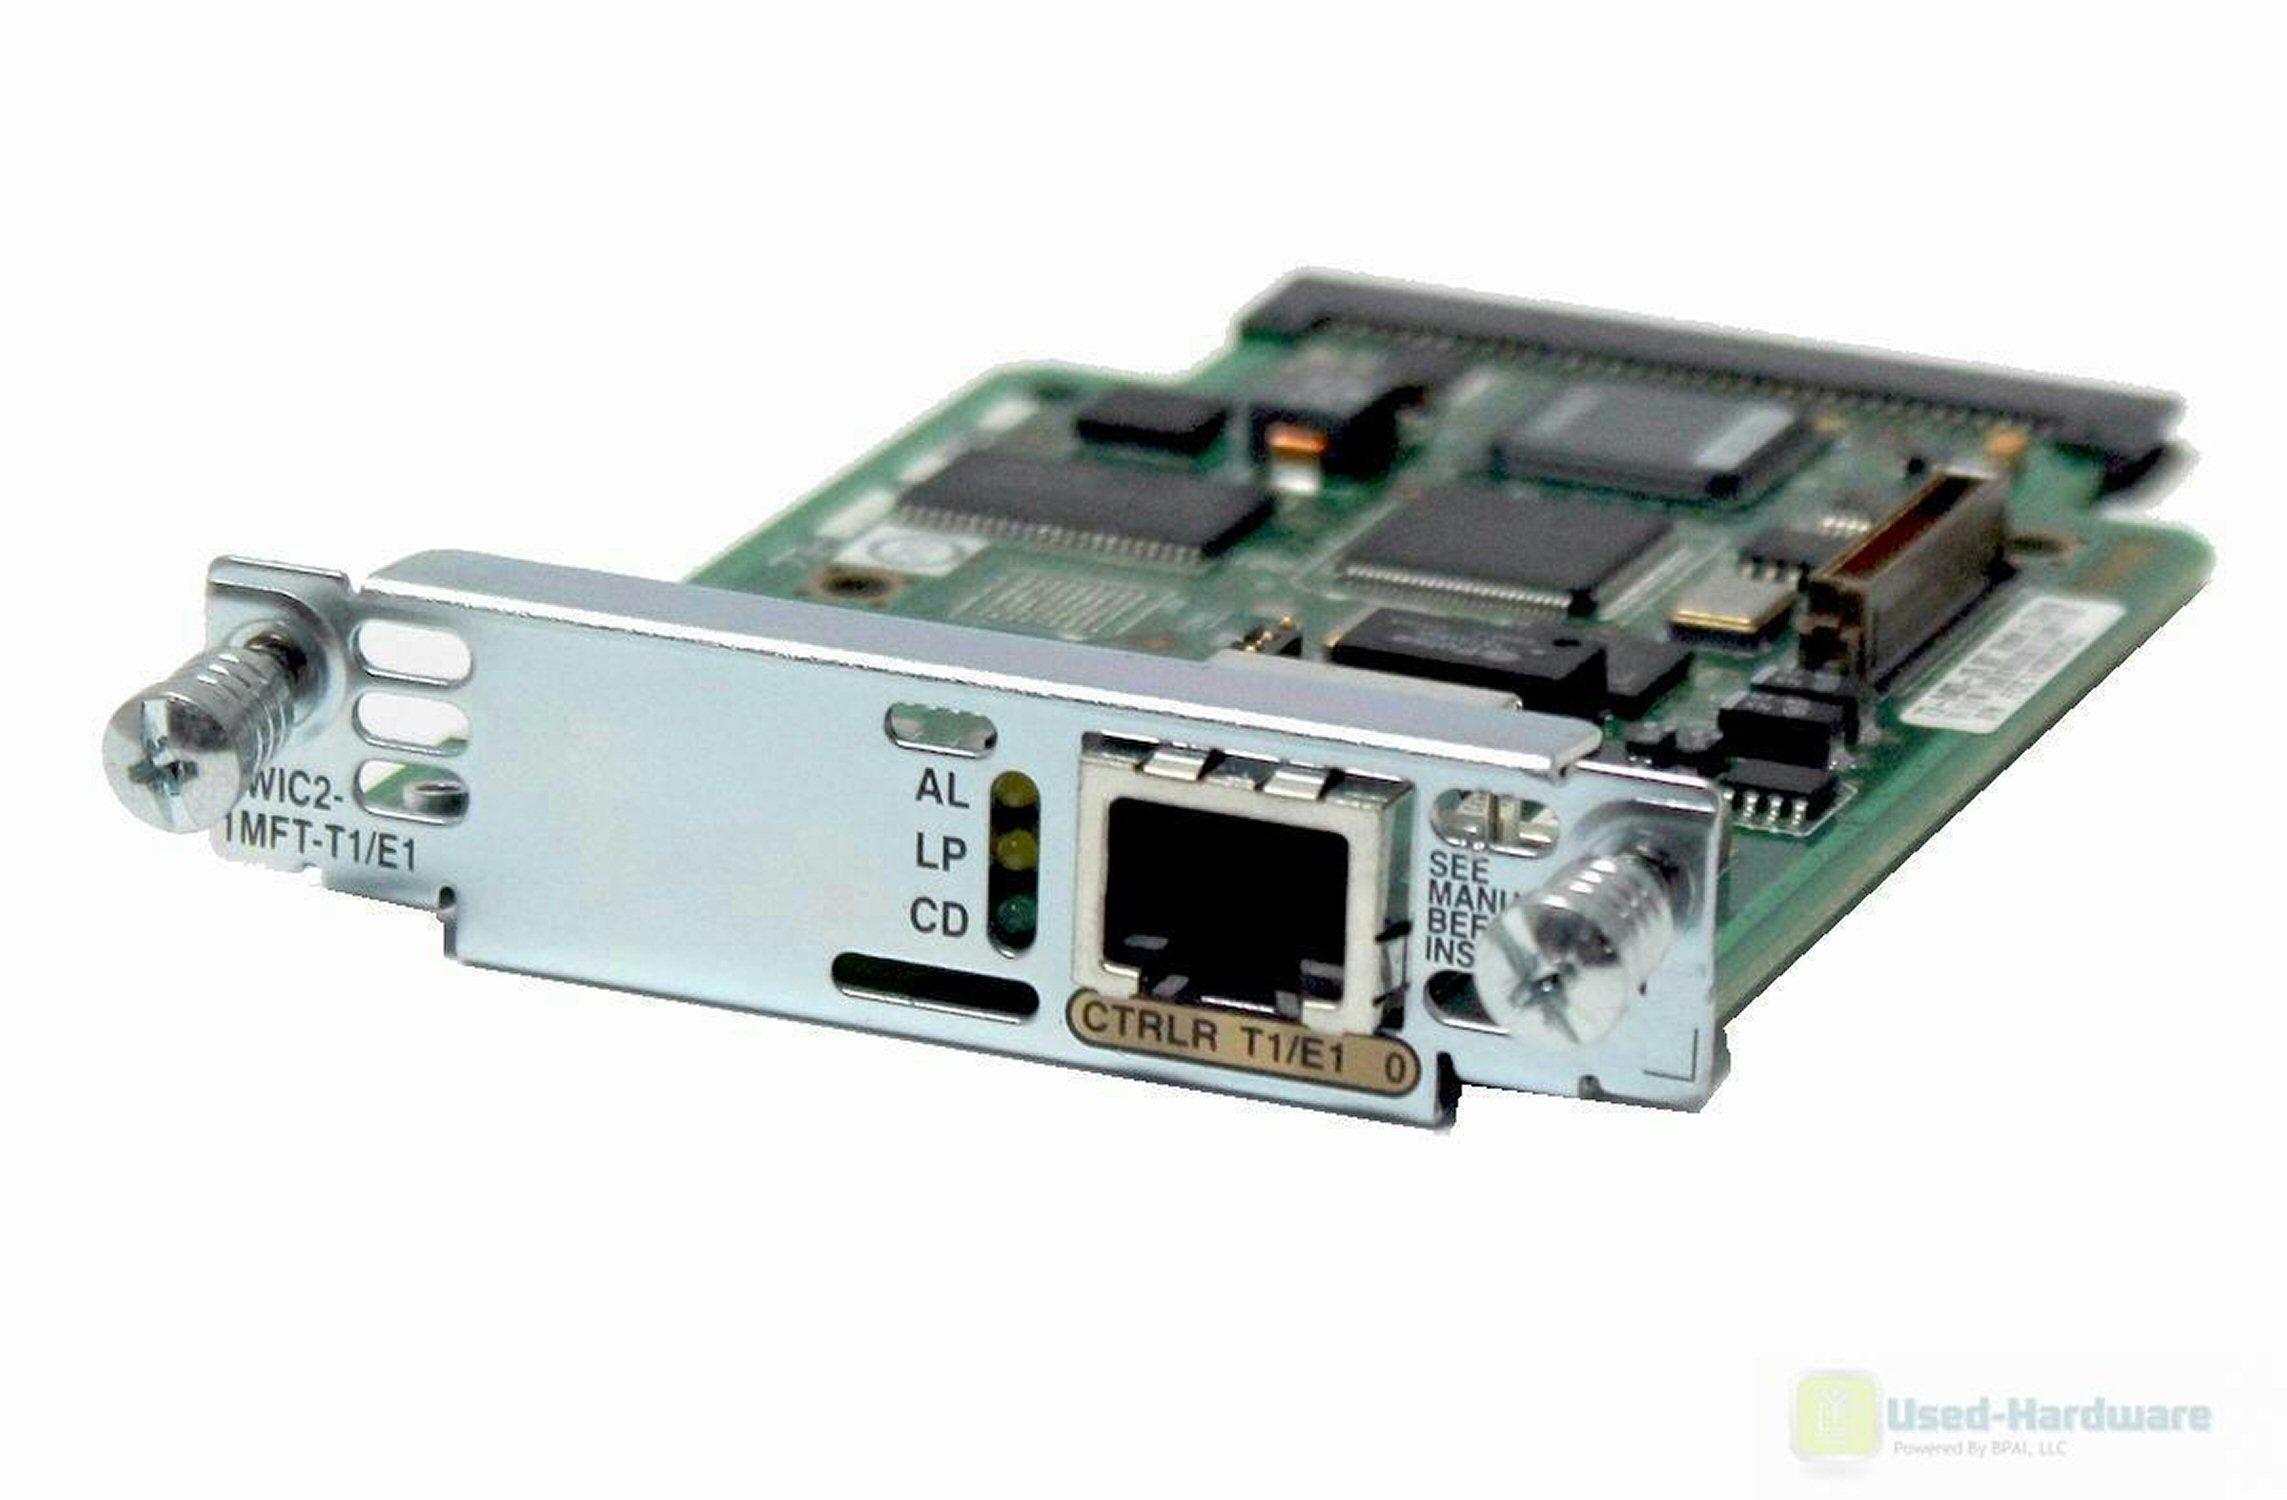 VWIC2-1MFT-T1